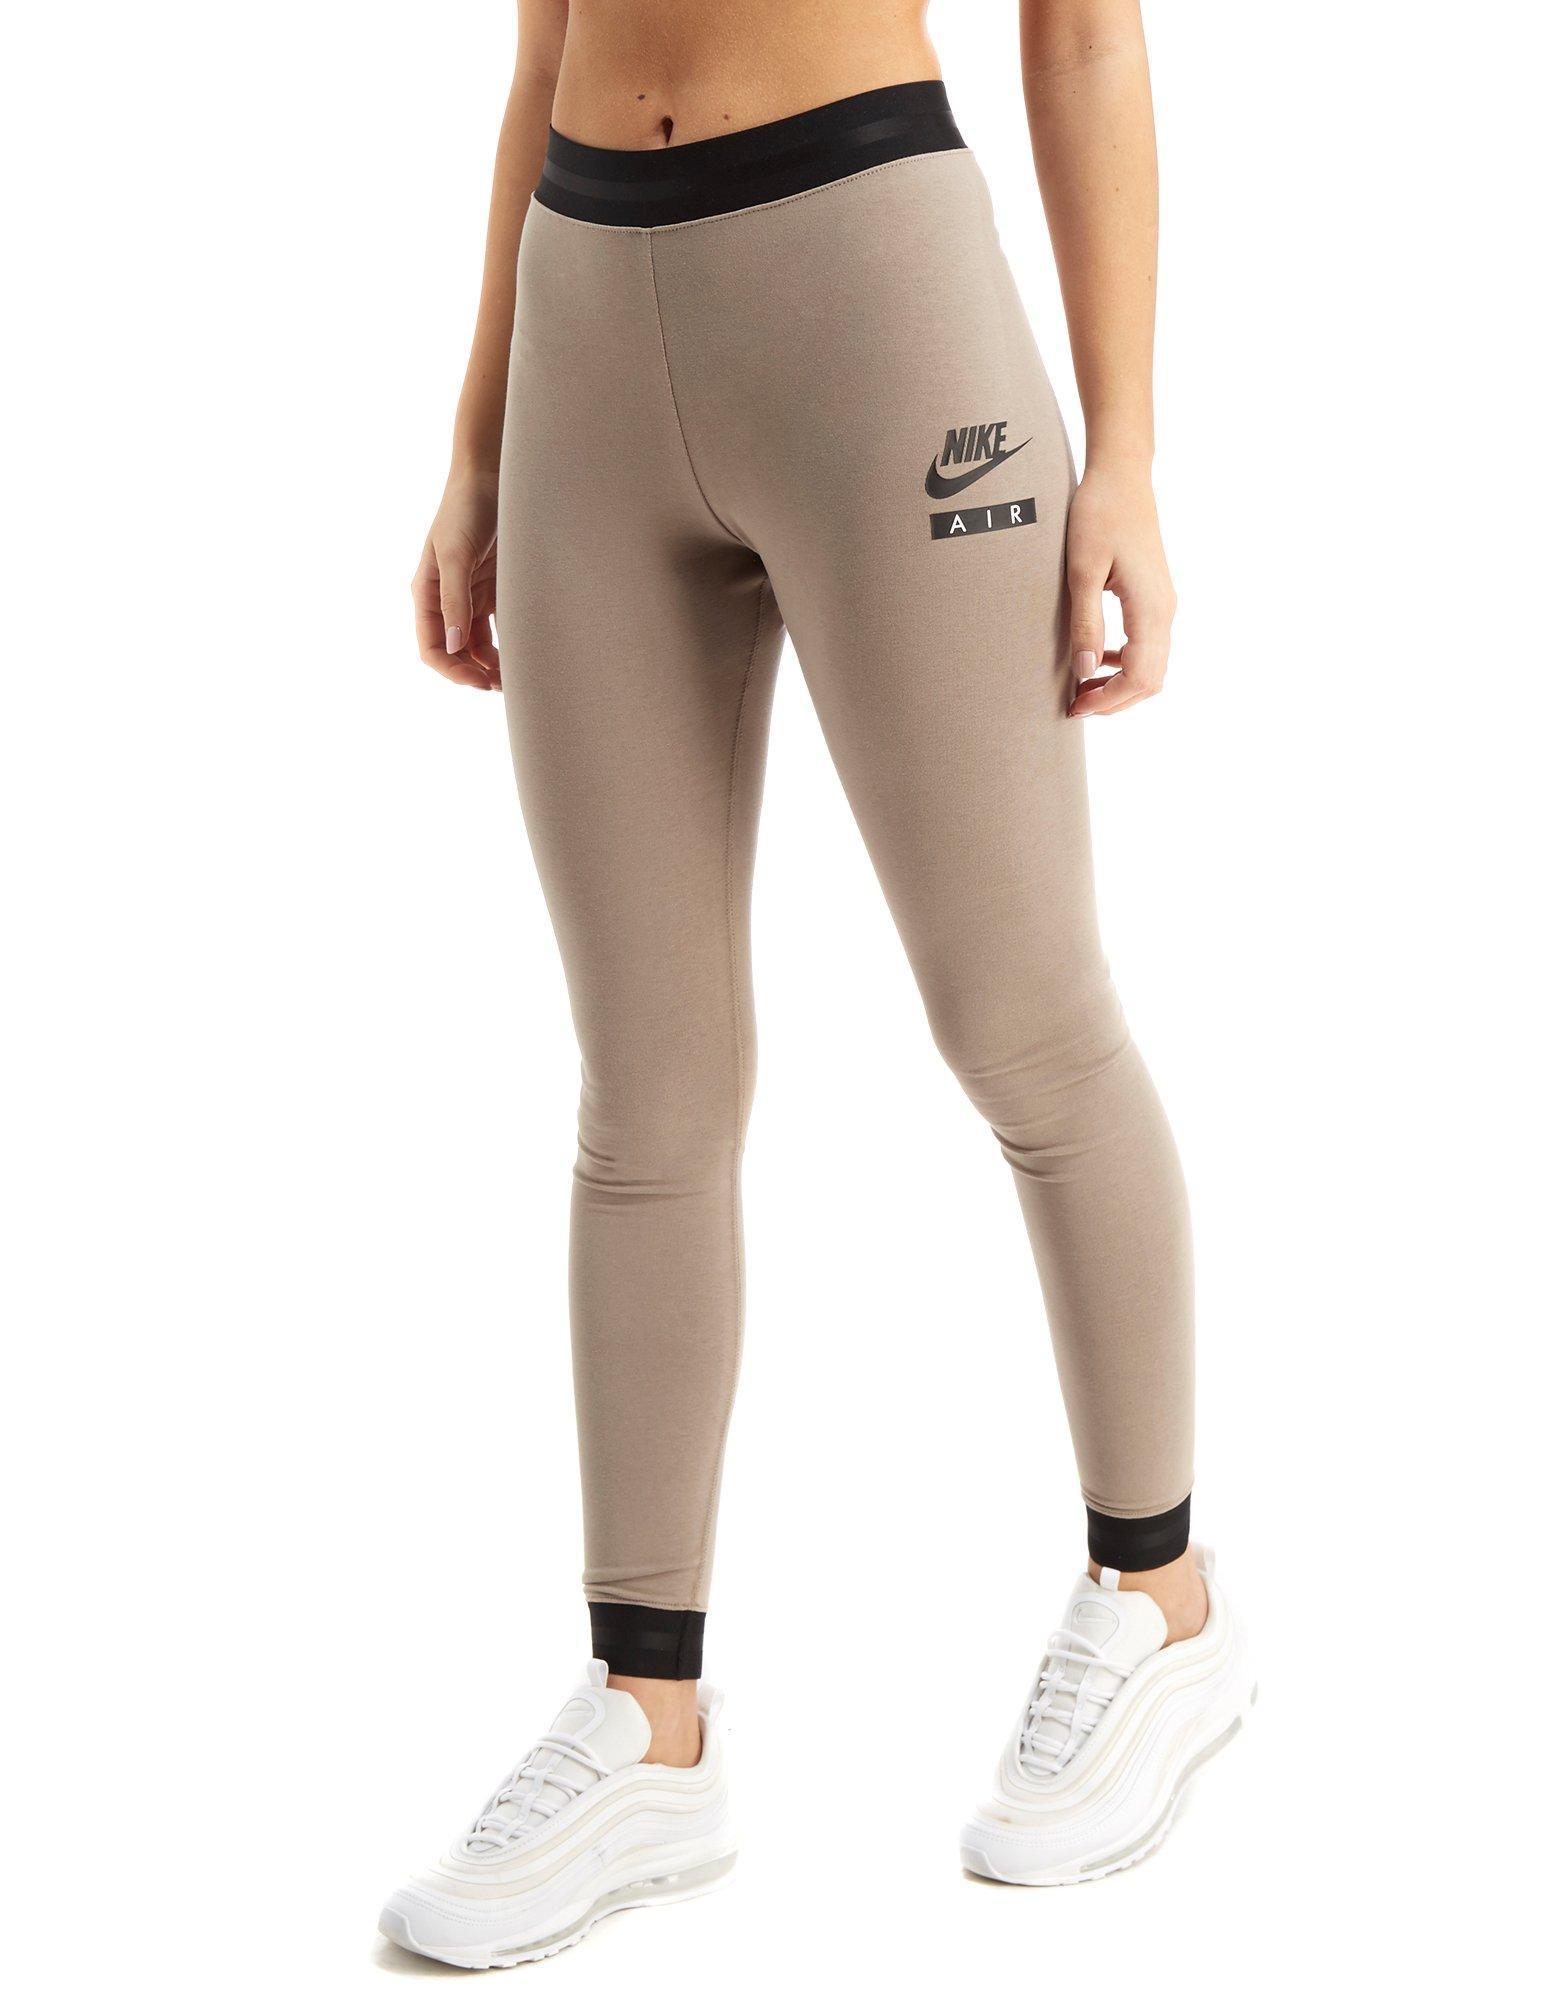 826b12378e6b4 Nike Air High Waist Leggings in Natural - Lyst